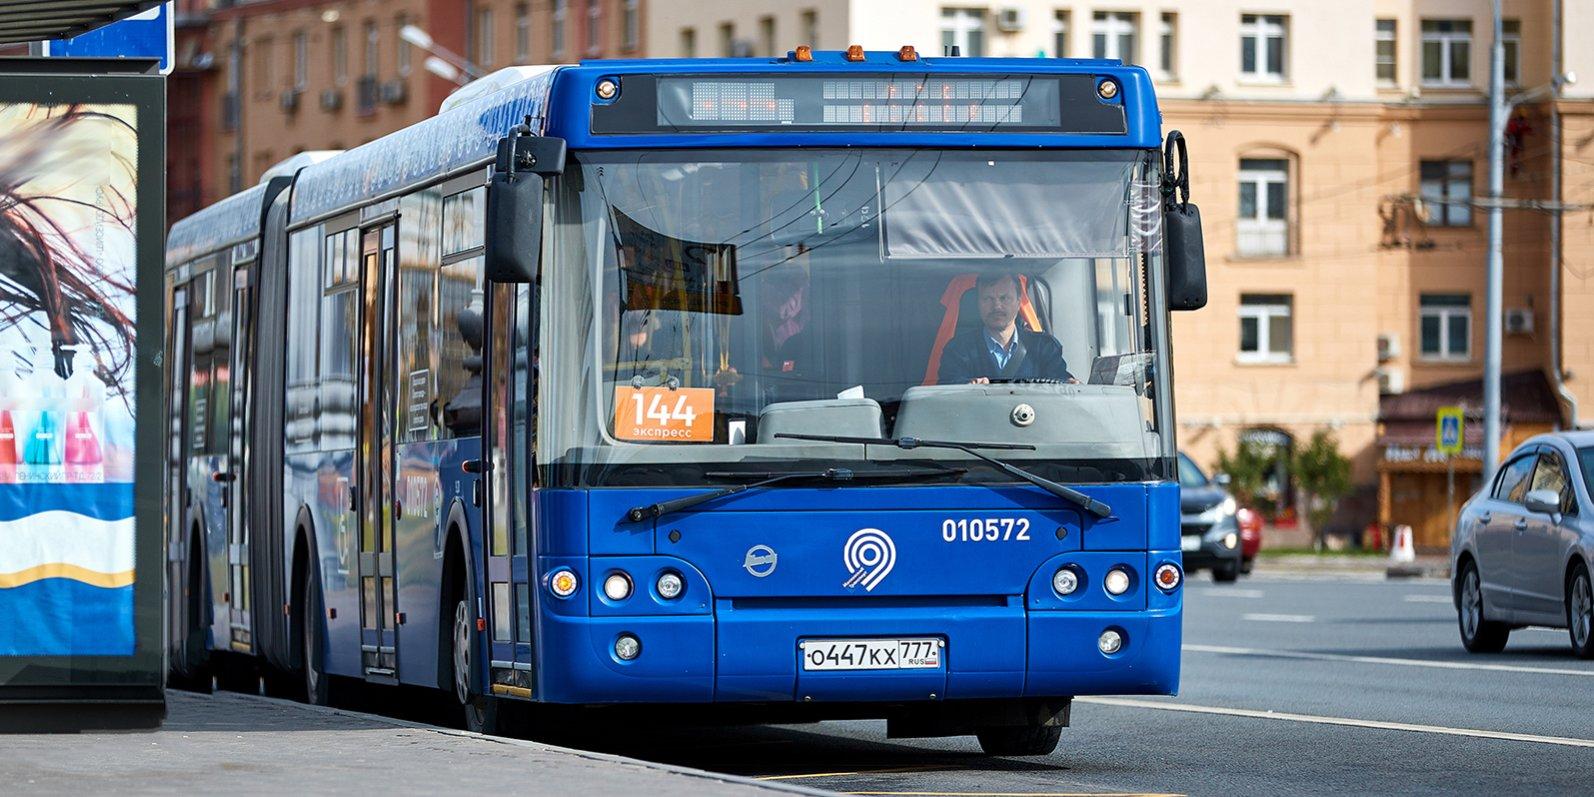 В московские автобусы поставят видеокамеры с проверкой билетов, а в Беларуси вычислят безбилетников по весу - 1